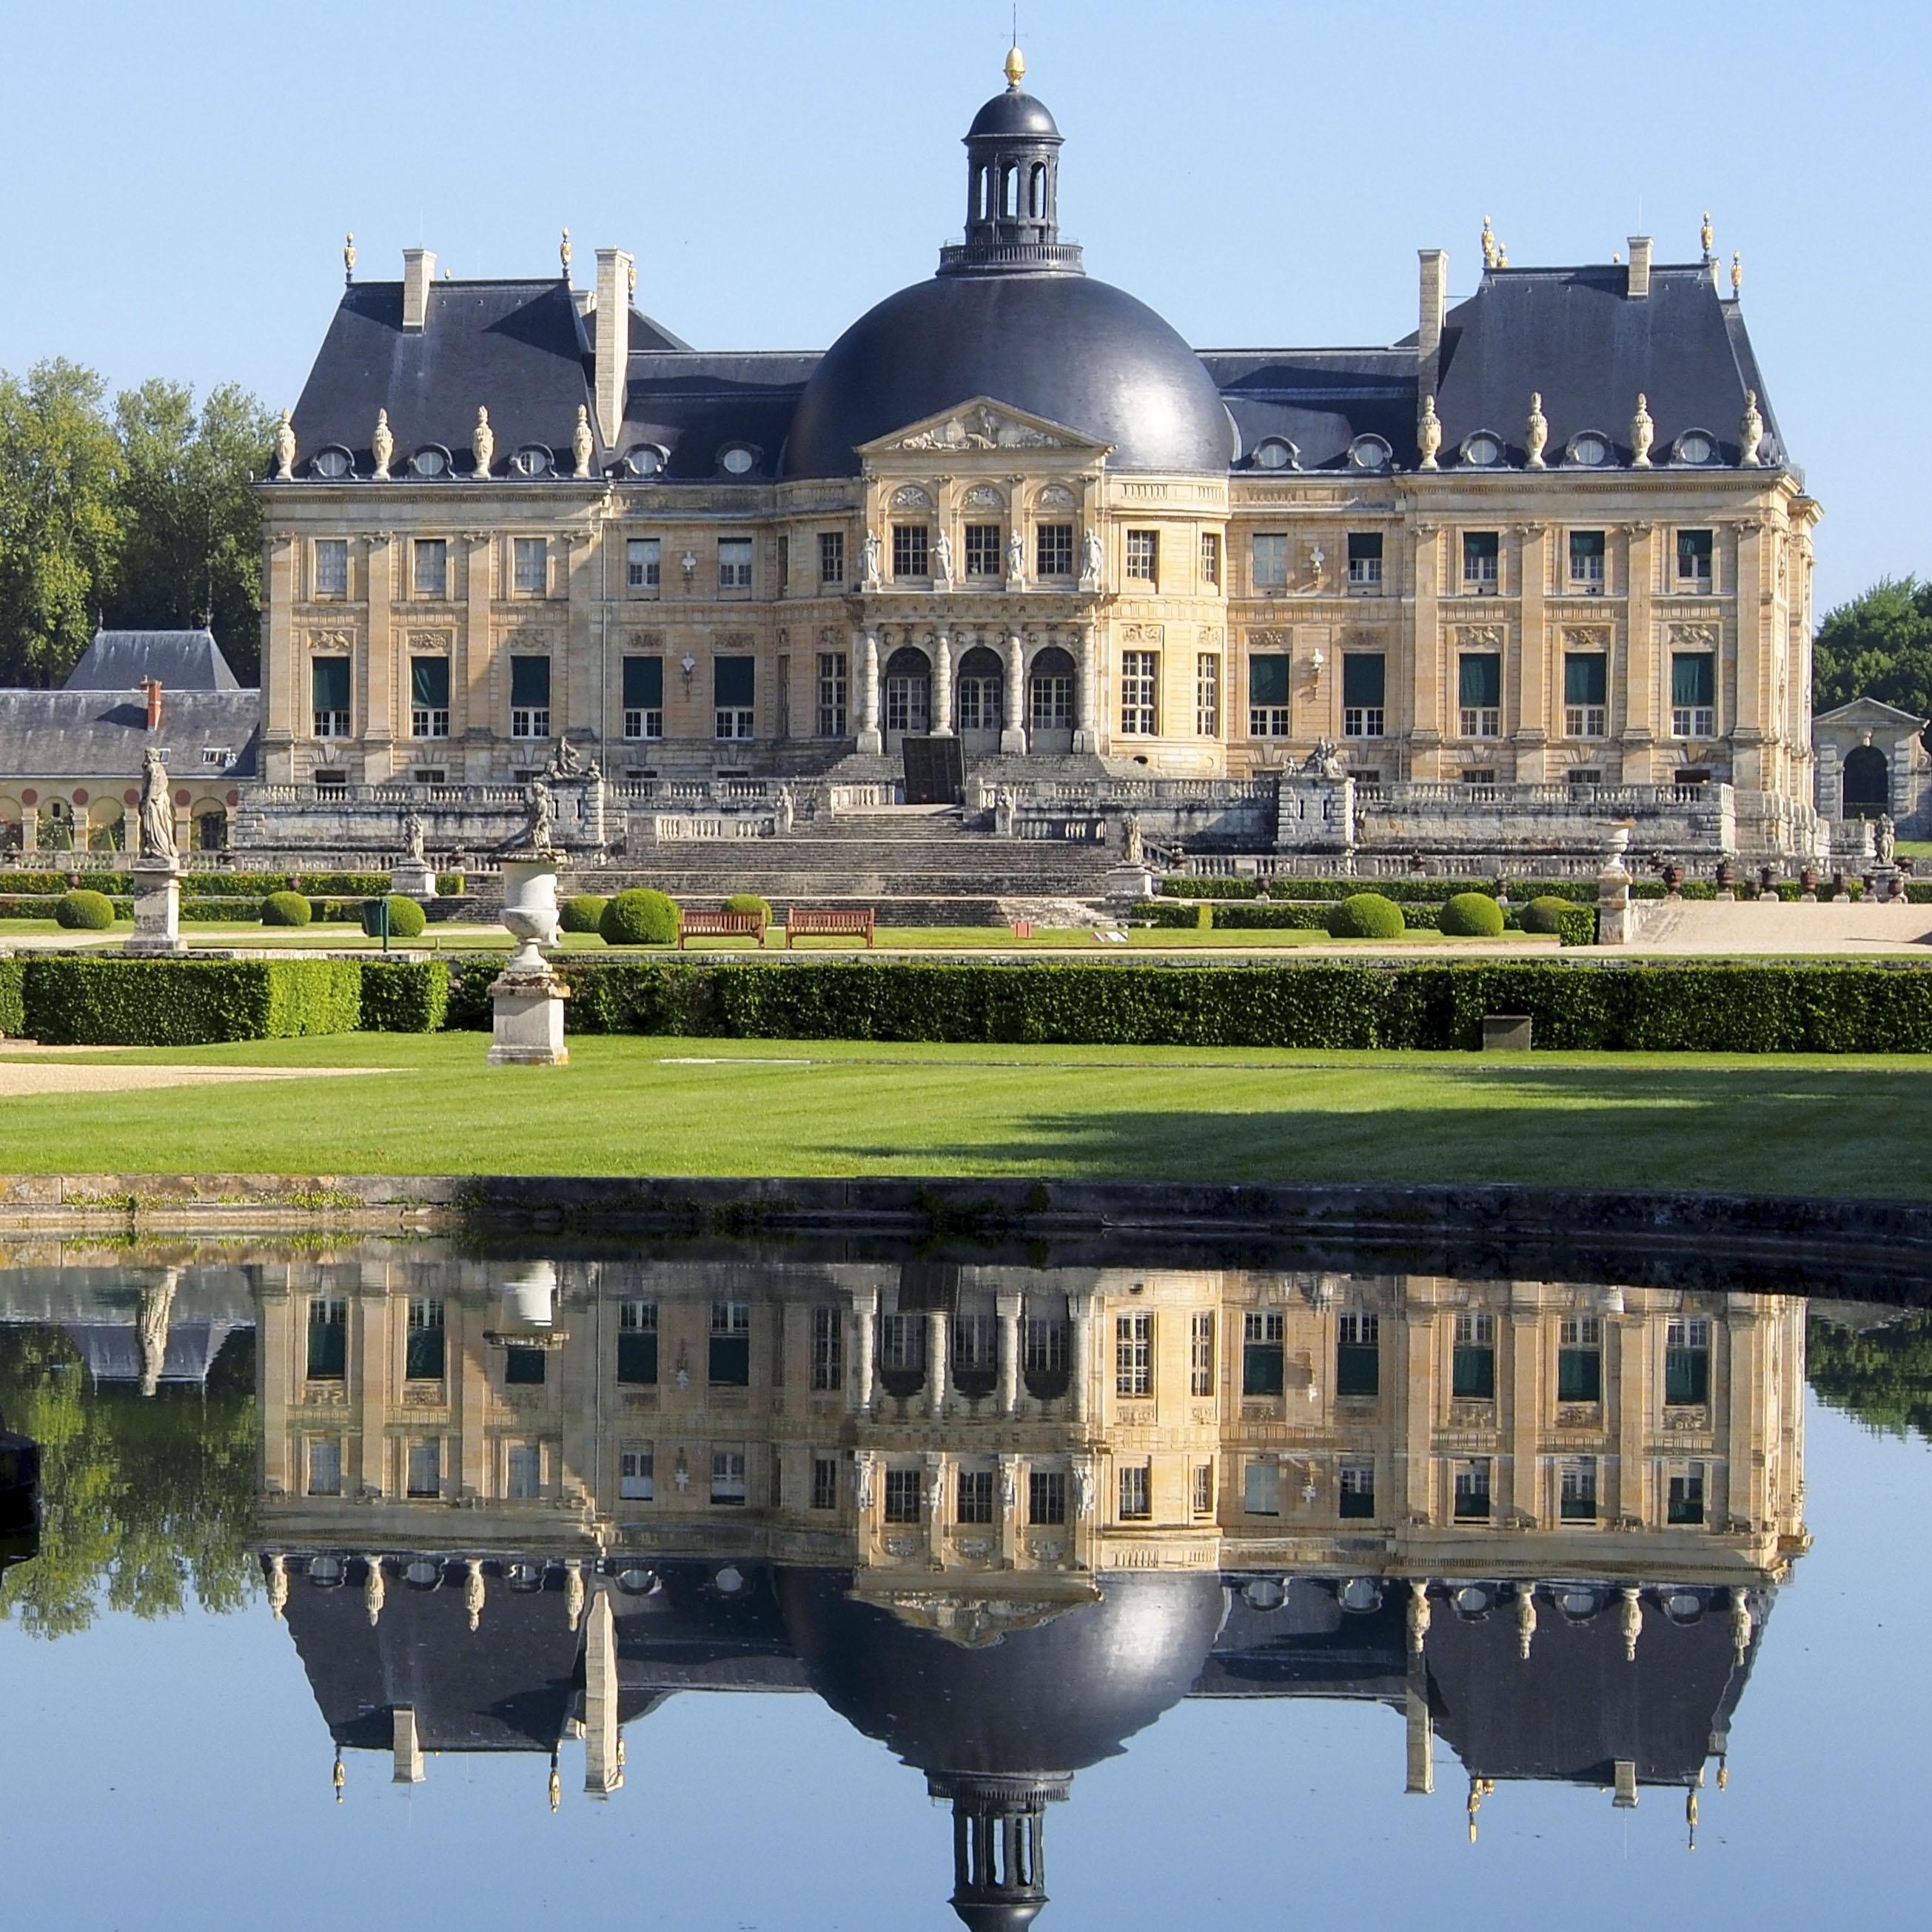 Vaux-le-Vicomte: The inspiration for Versailles